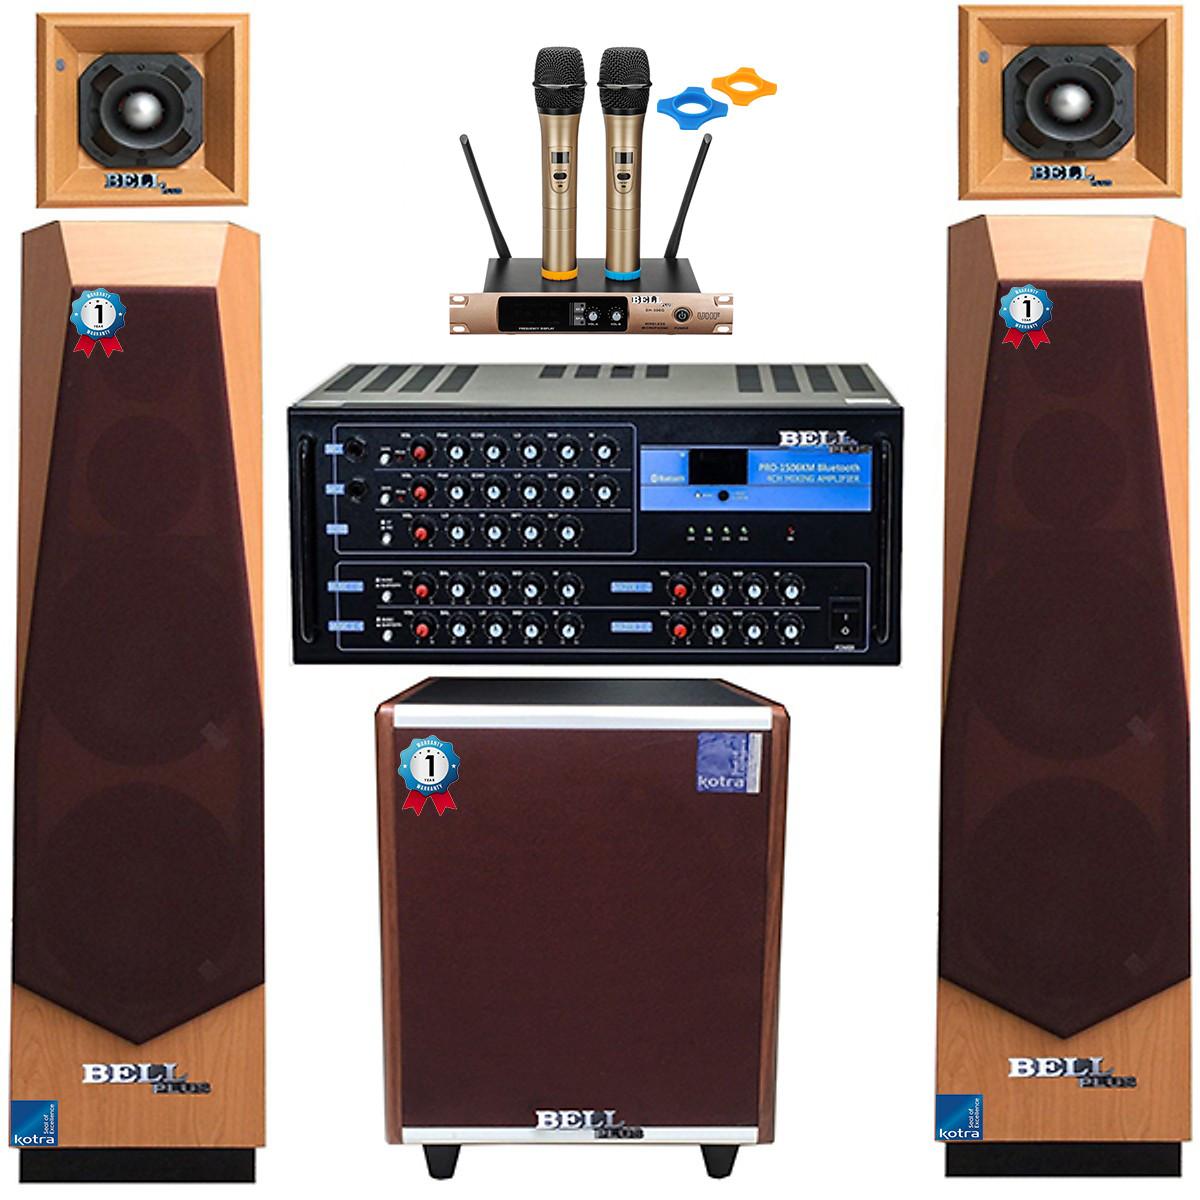 Bộ dàn karaoke gia đình BBS - 9700  BellPlus (hàng chính hãng)